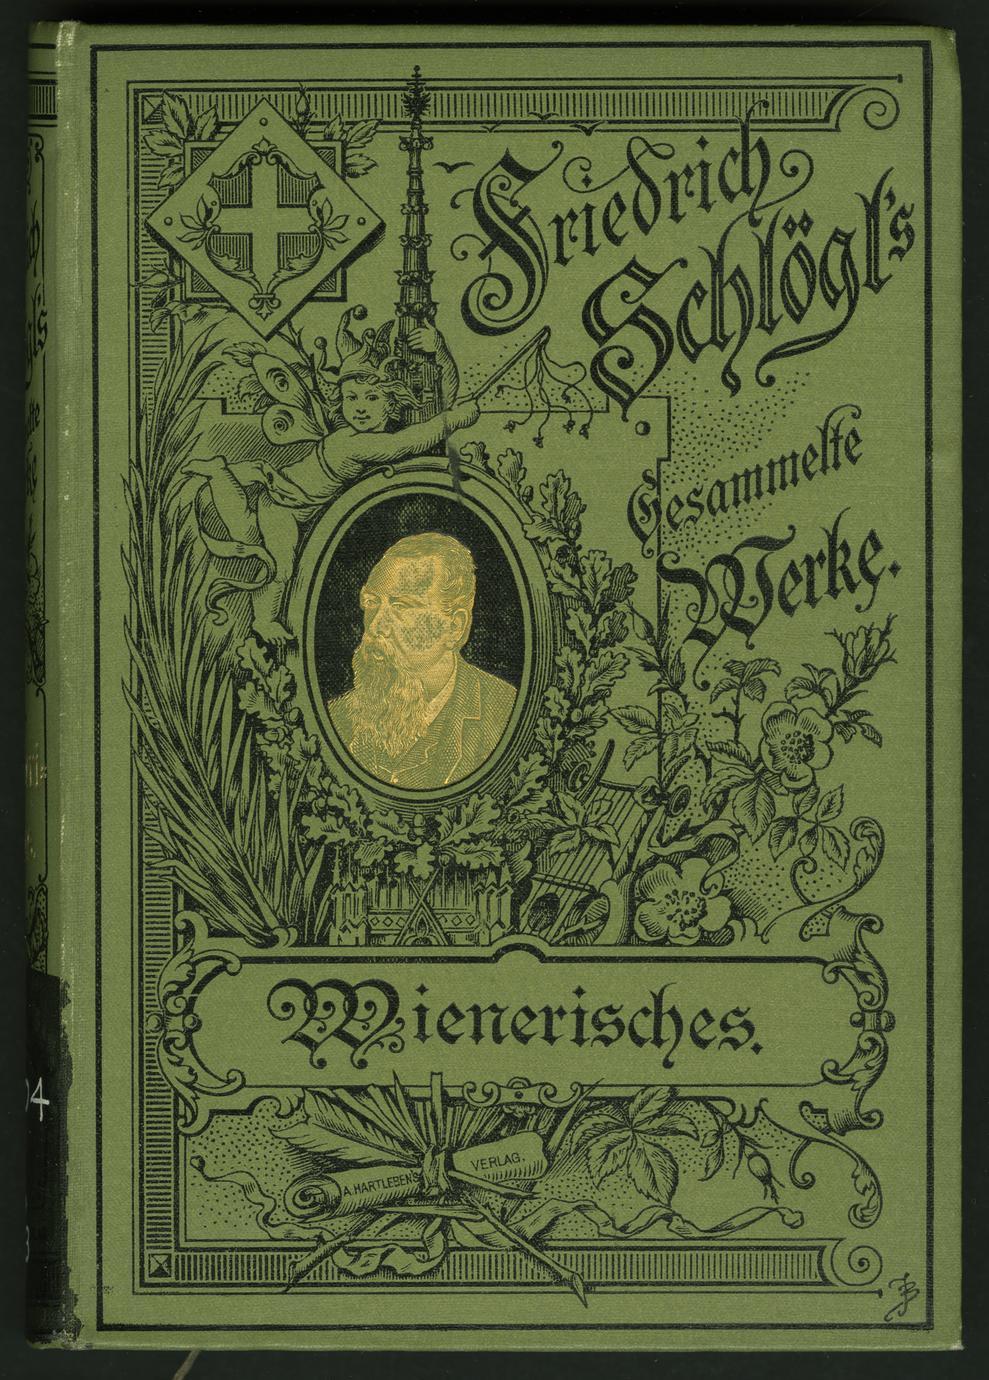 Friedric Schlögl's Gesammelte Schriften : v. 3. Wienerisches (1 of 5)